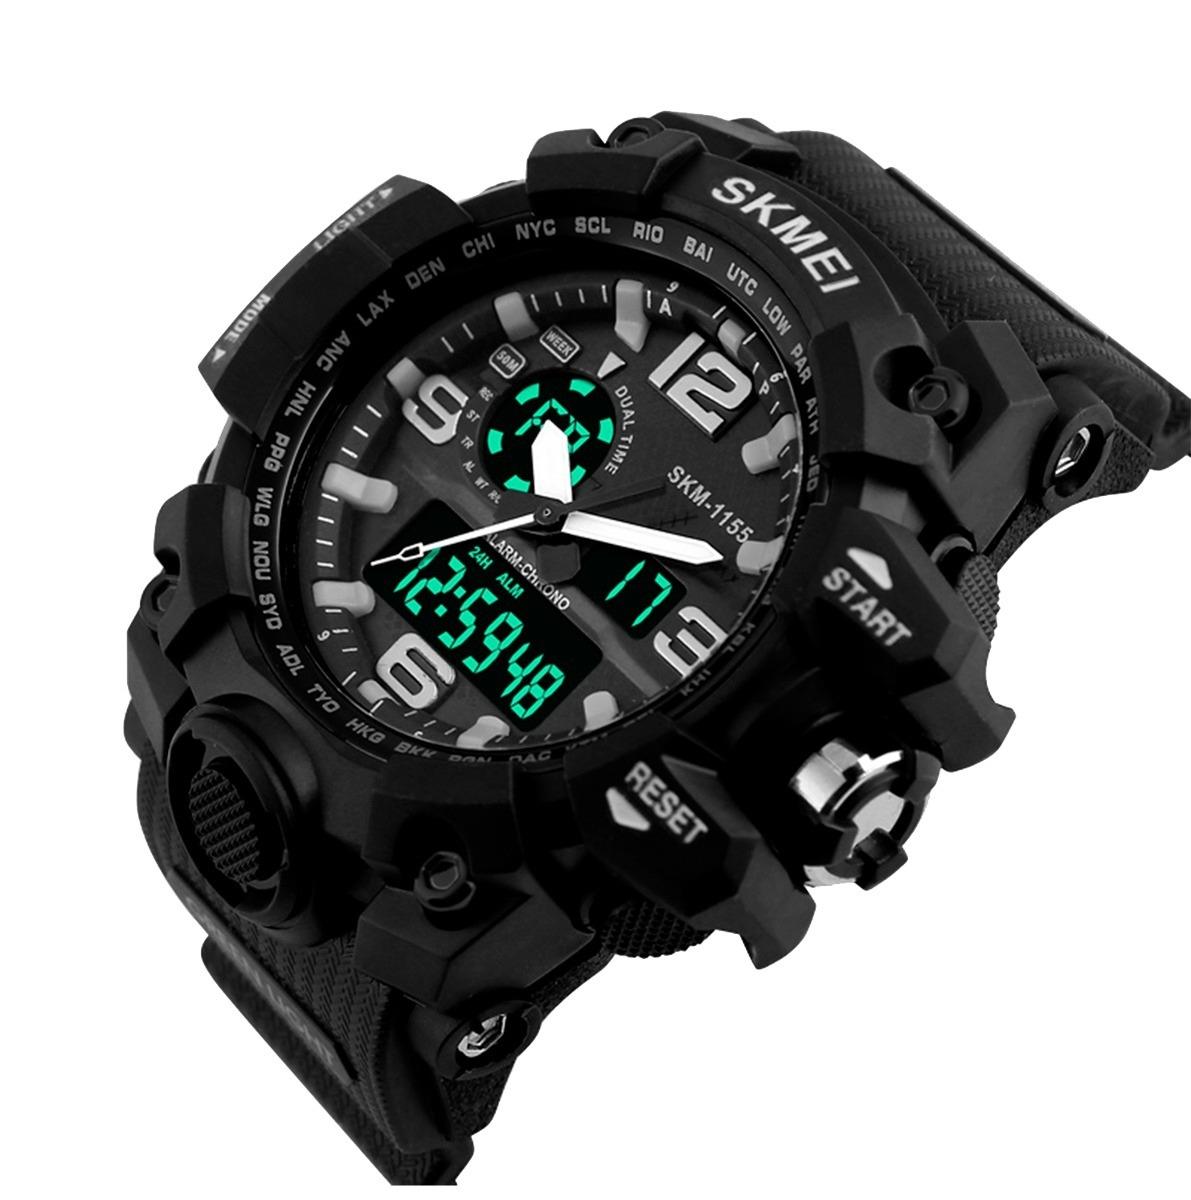 e53c221810b ... relógio skmei militar esportivo mod 1155 prova d água 50 mts. Carregando  zoom.